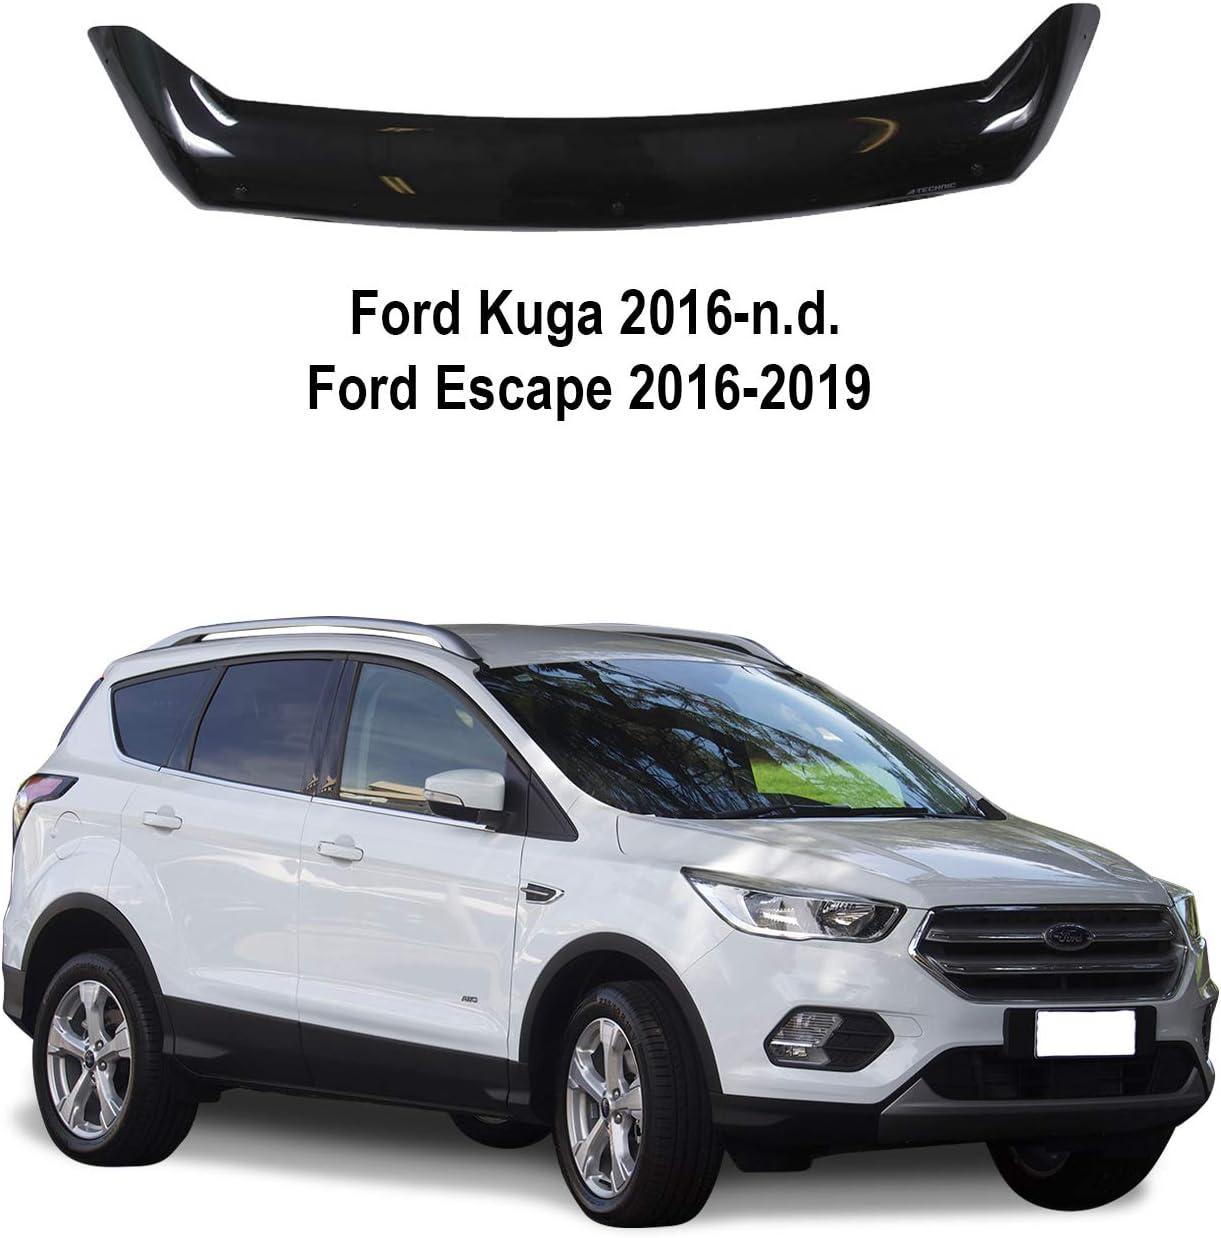 Deflector de cap/ó para Ford Kuga 2016-now Escape 2016-2019 color negro A-Technic